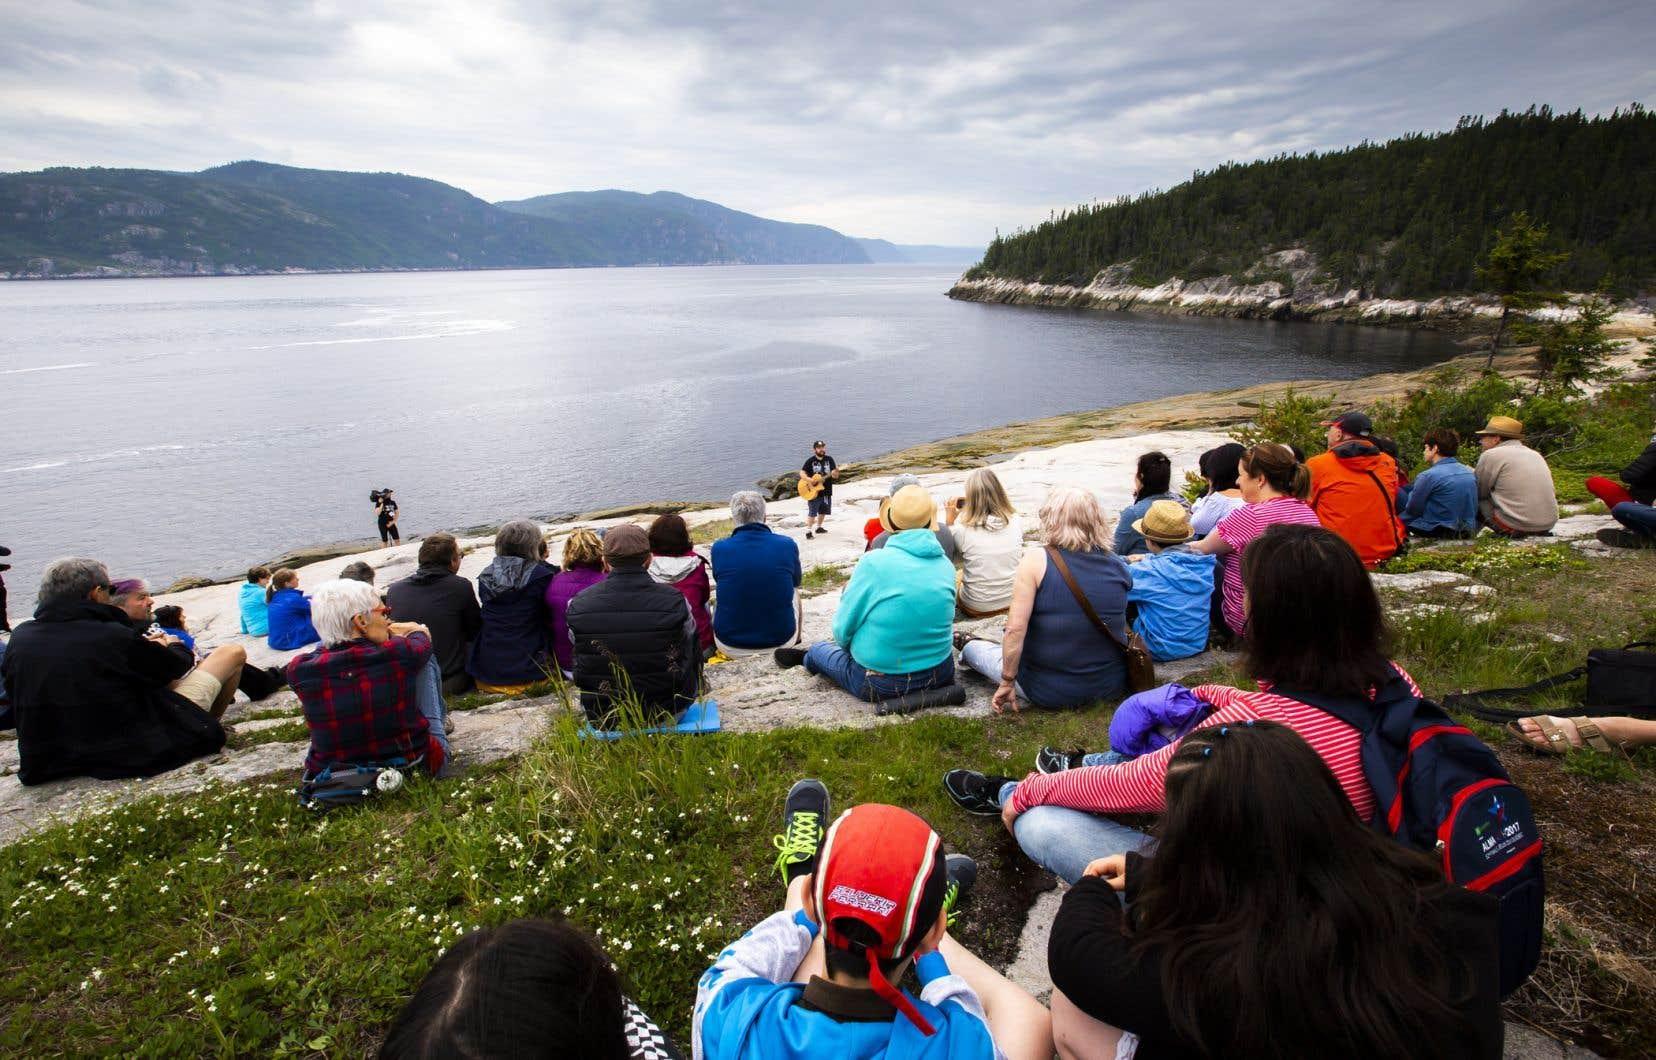 Spectacle à la pointe de l'islet, avec le fjord du Saguenay en toile de fond